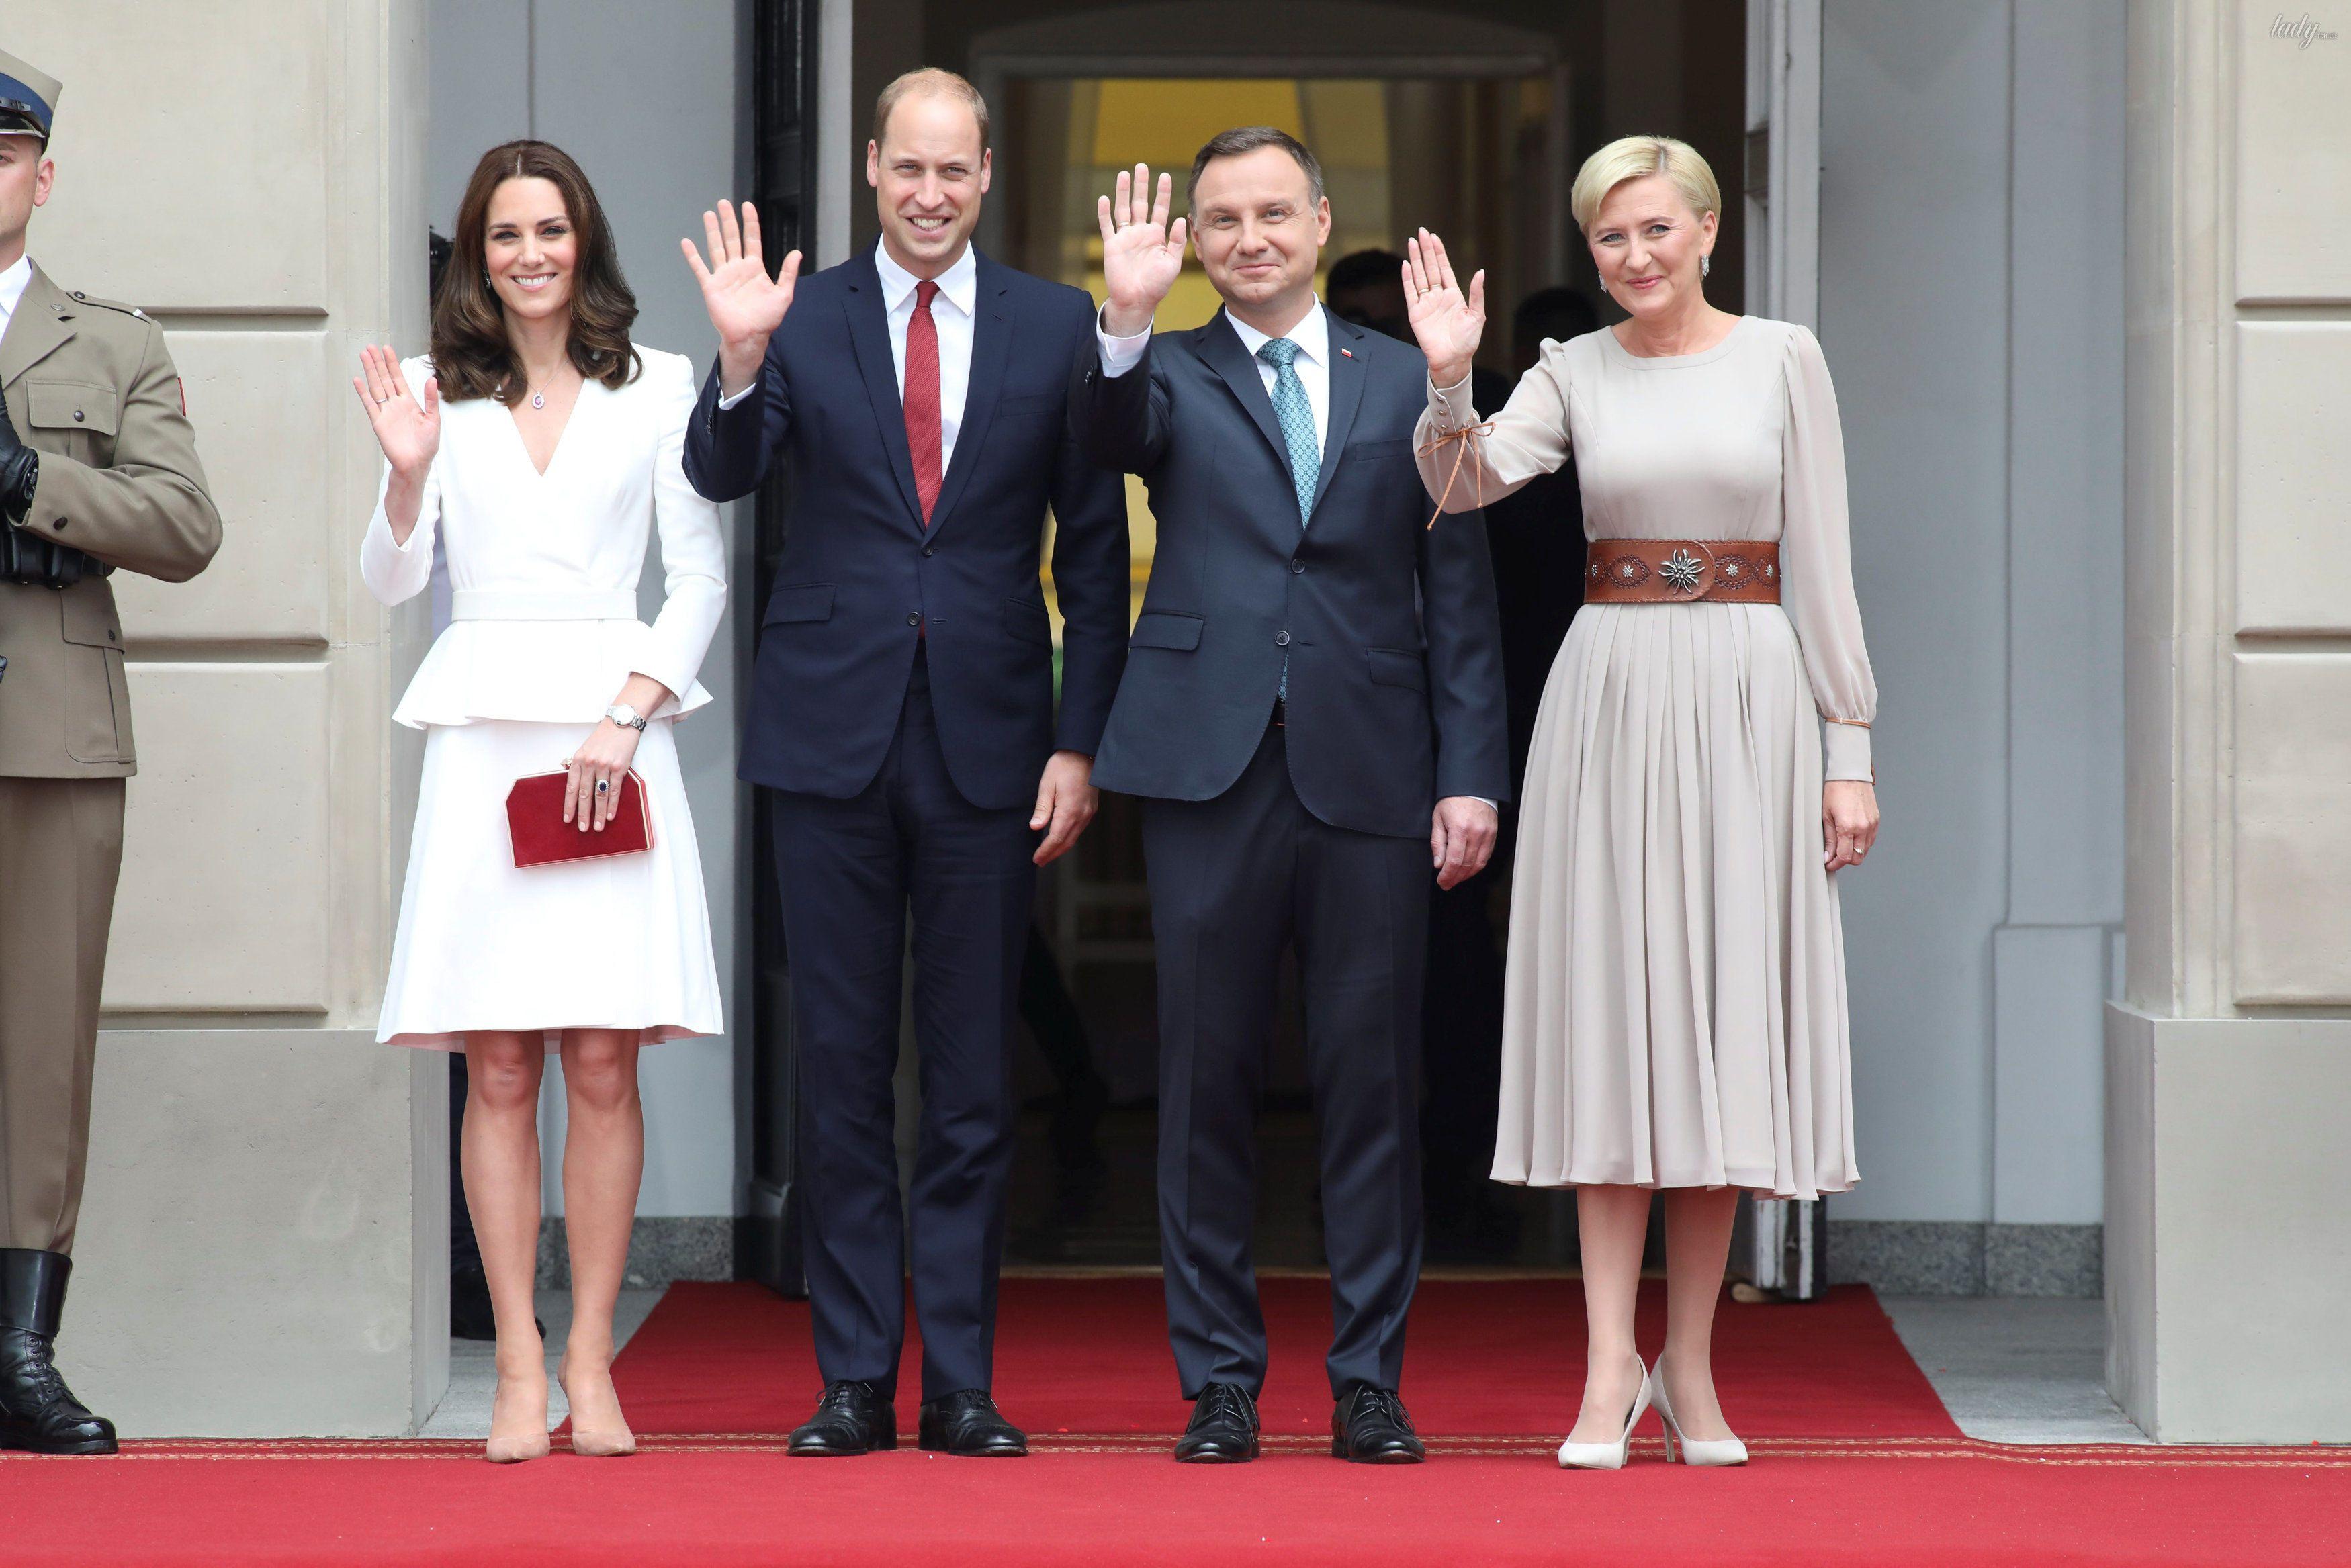 Принц Уильям, герцогиня Кембриджская, принц Джордж и принцесса Шарлотта прибыли в военный аэропорт в Варшаве_1